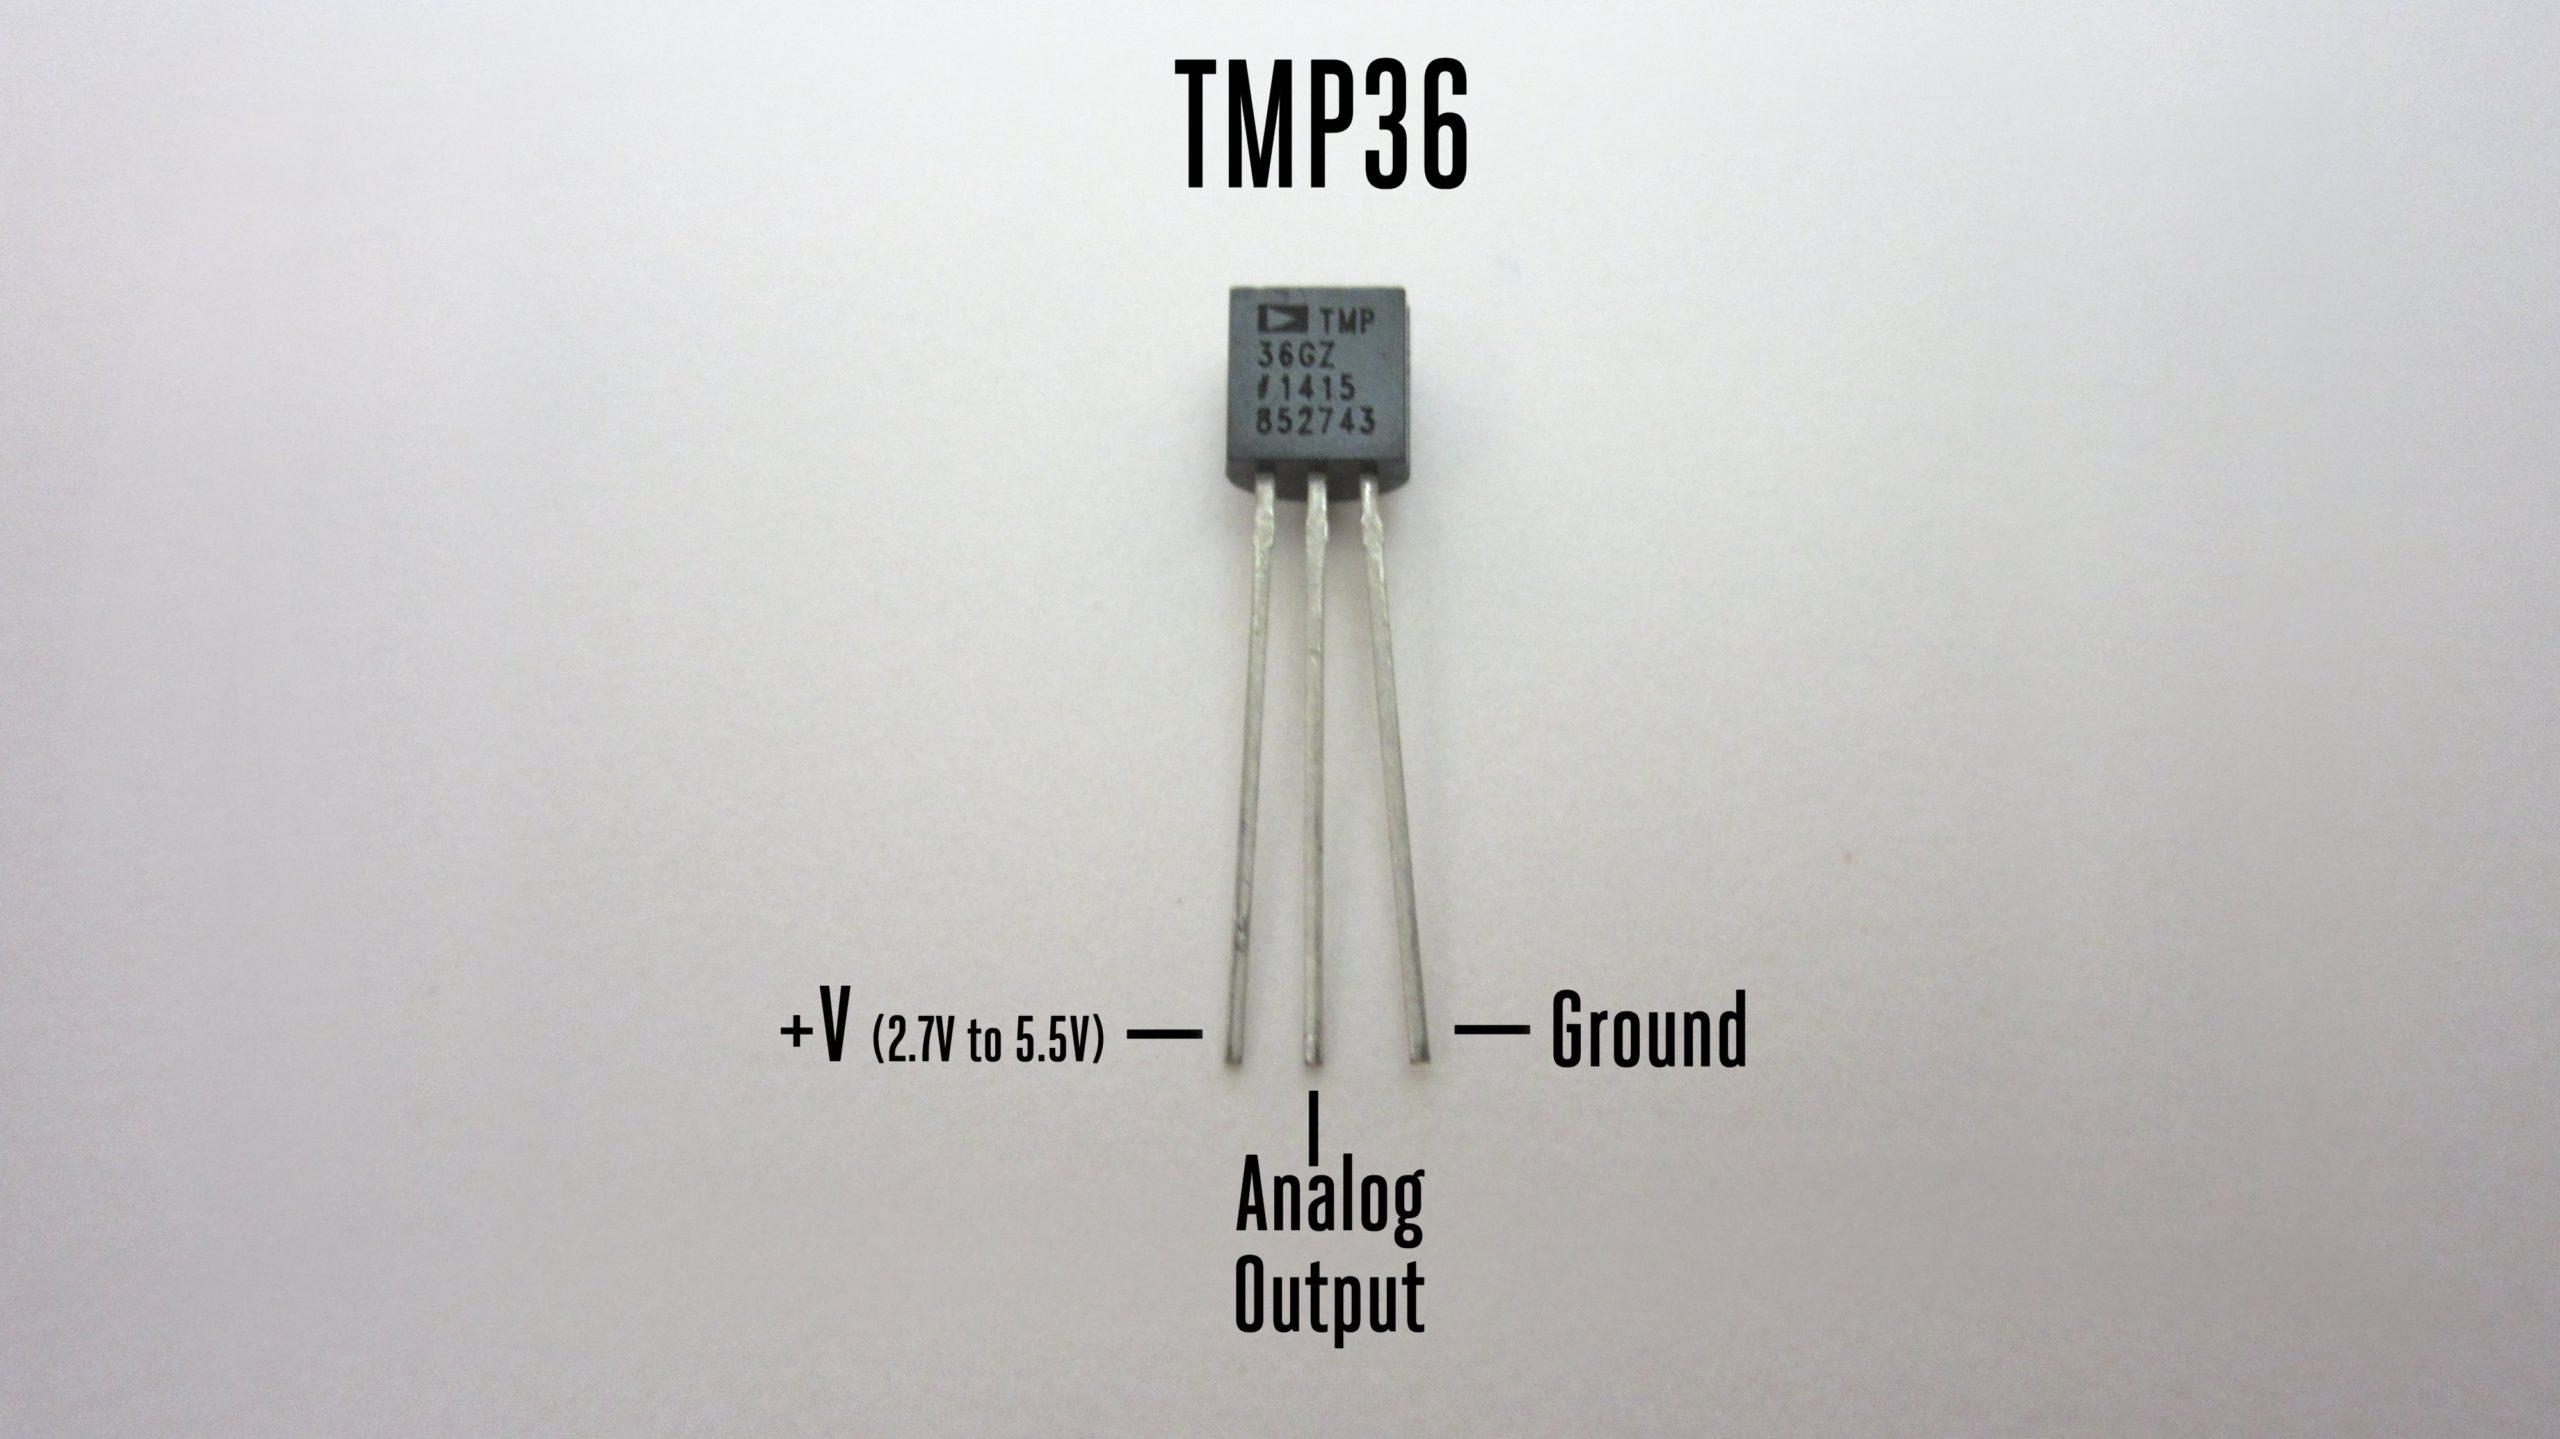 TMP36 pinout